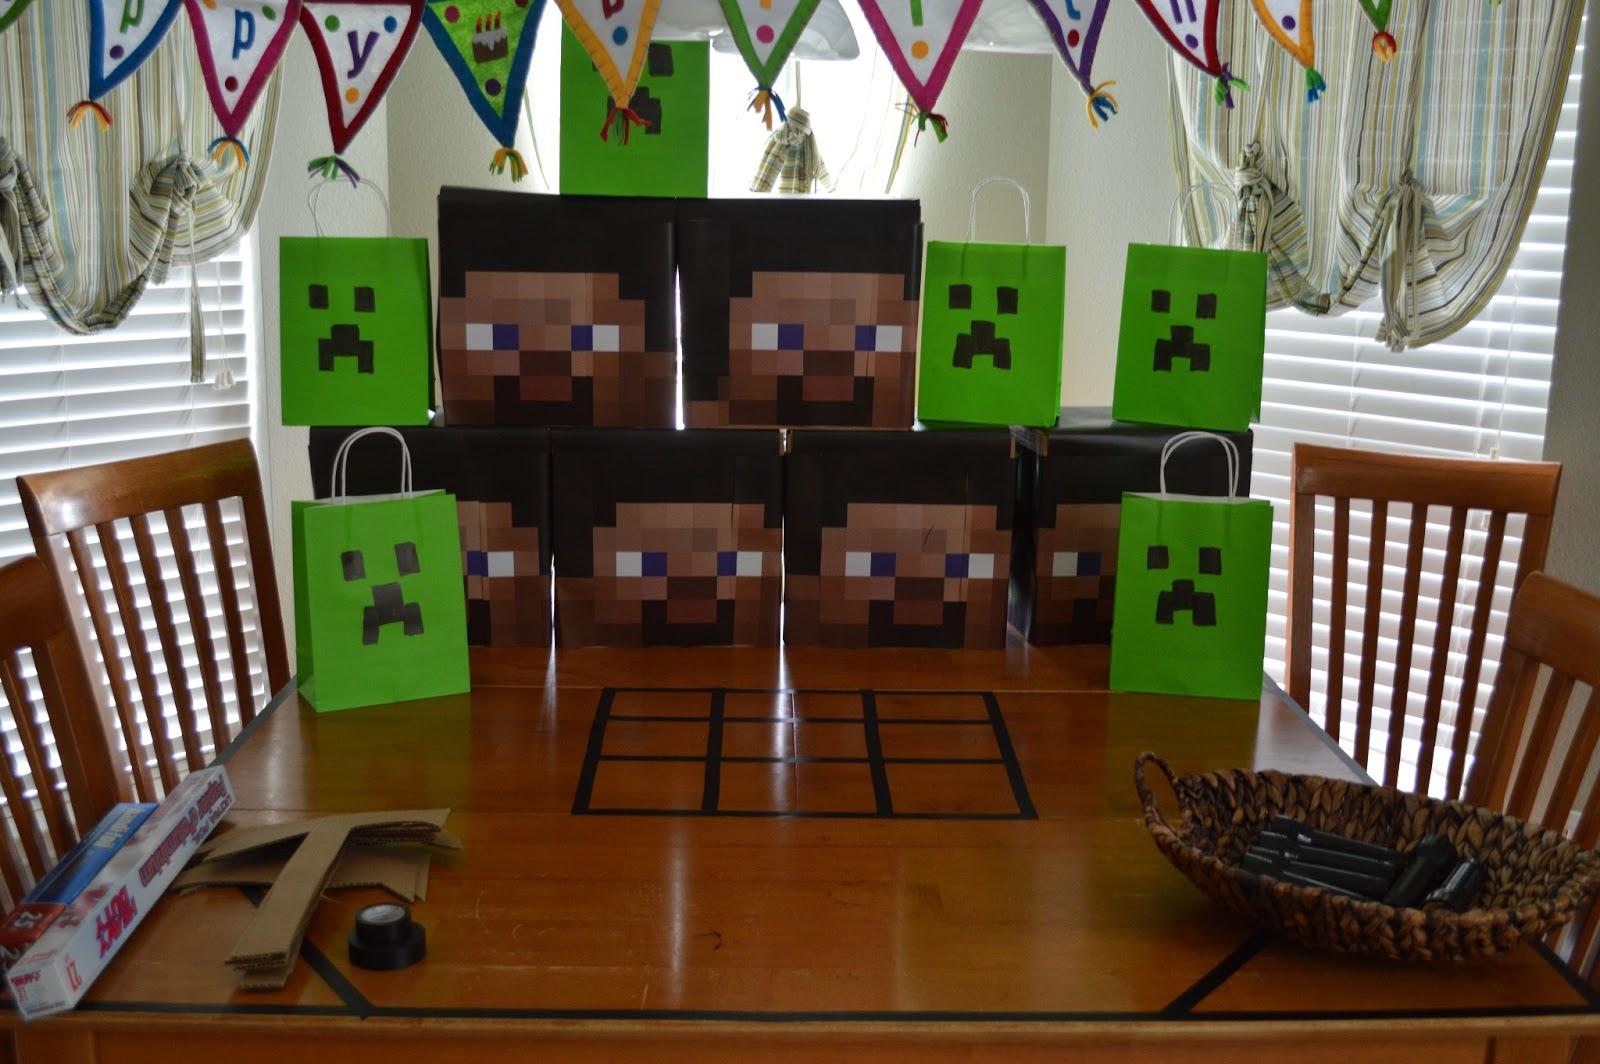 Mine craft birthday ideas - Minecraft Birthday Party V1 0